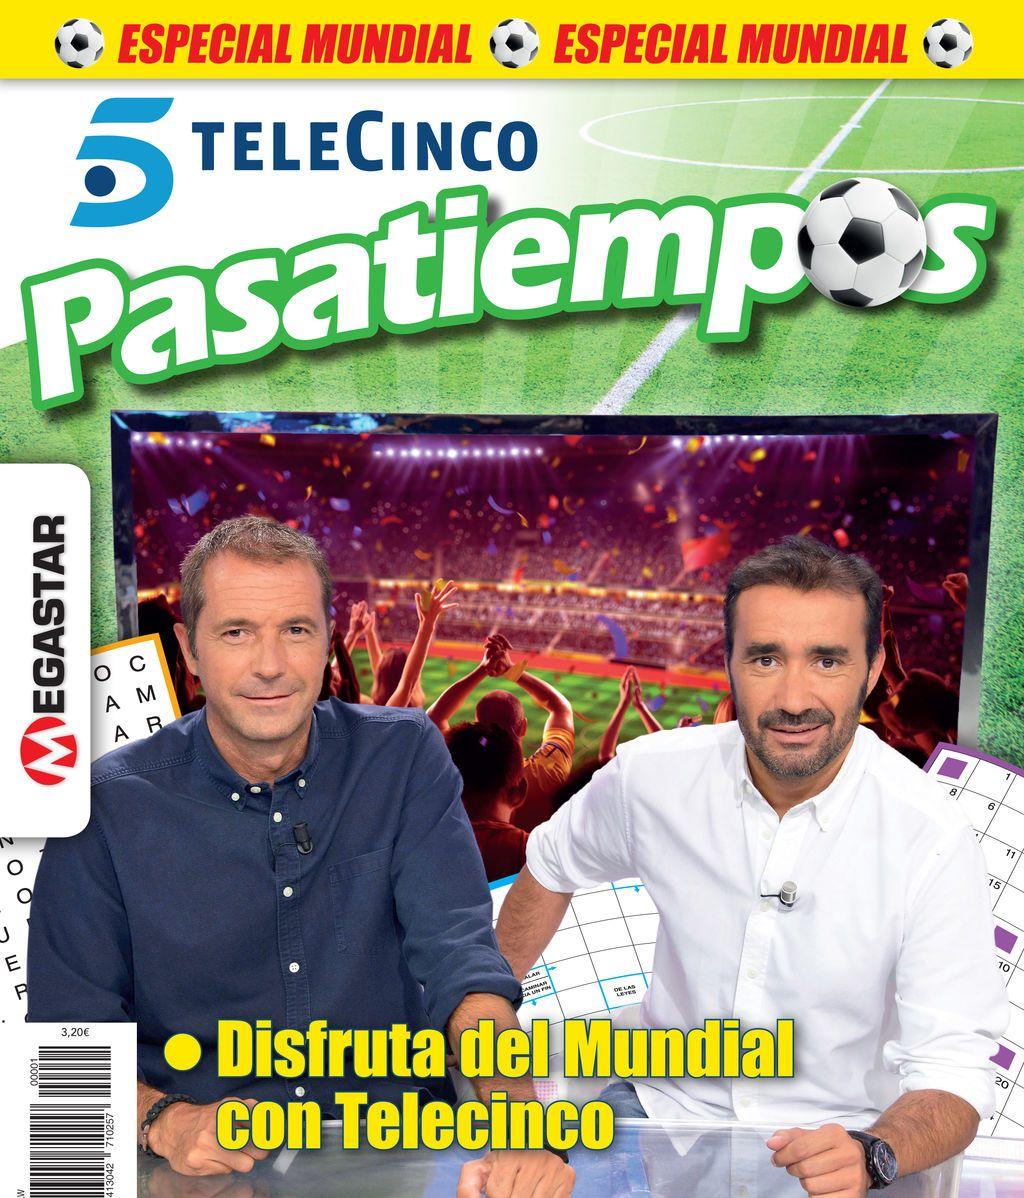 Pasatiempos Telecinco Edición Mundial ¡Ya en tu quiosco!